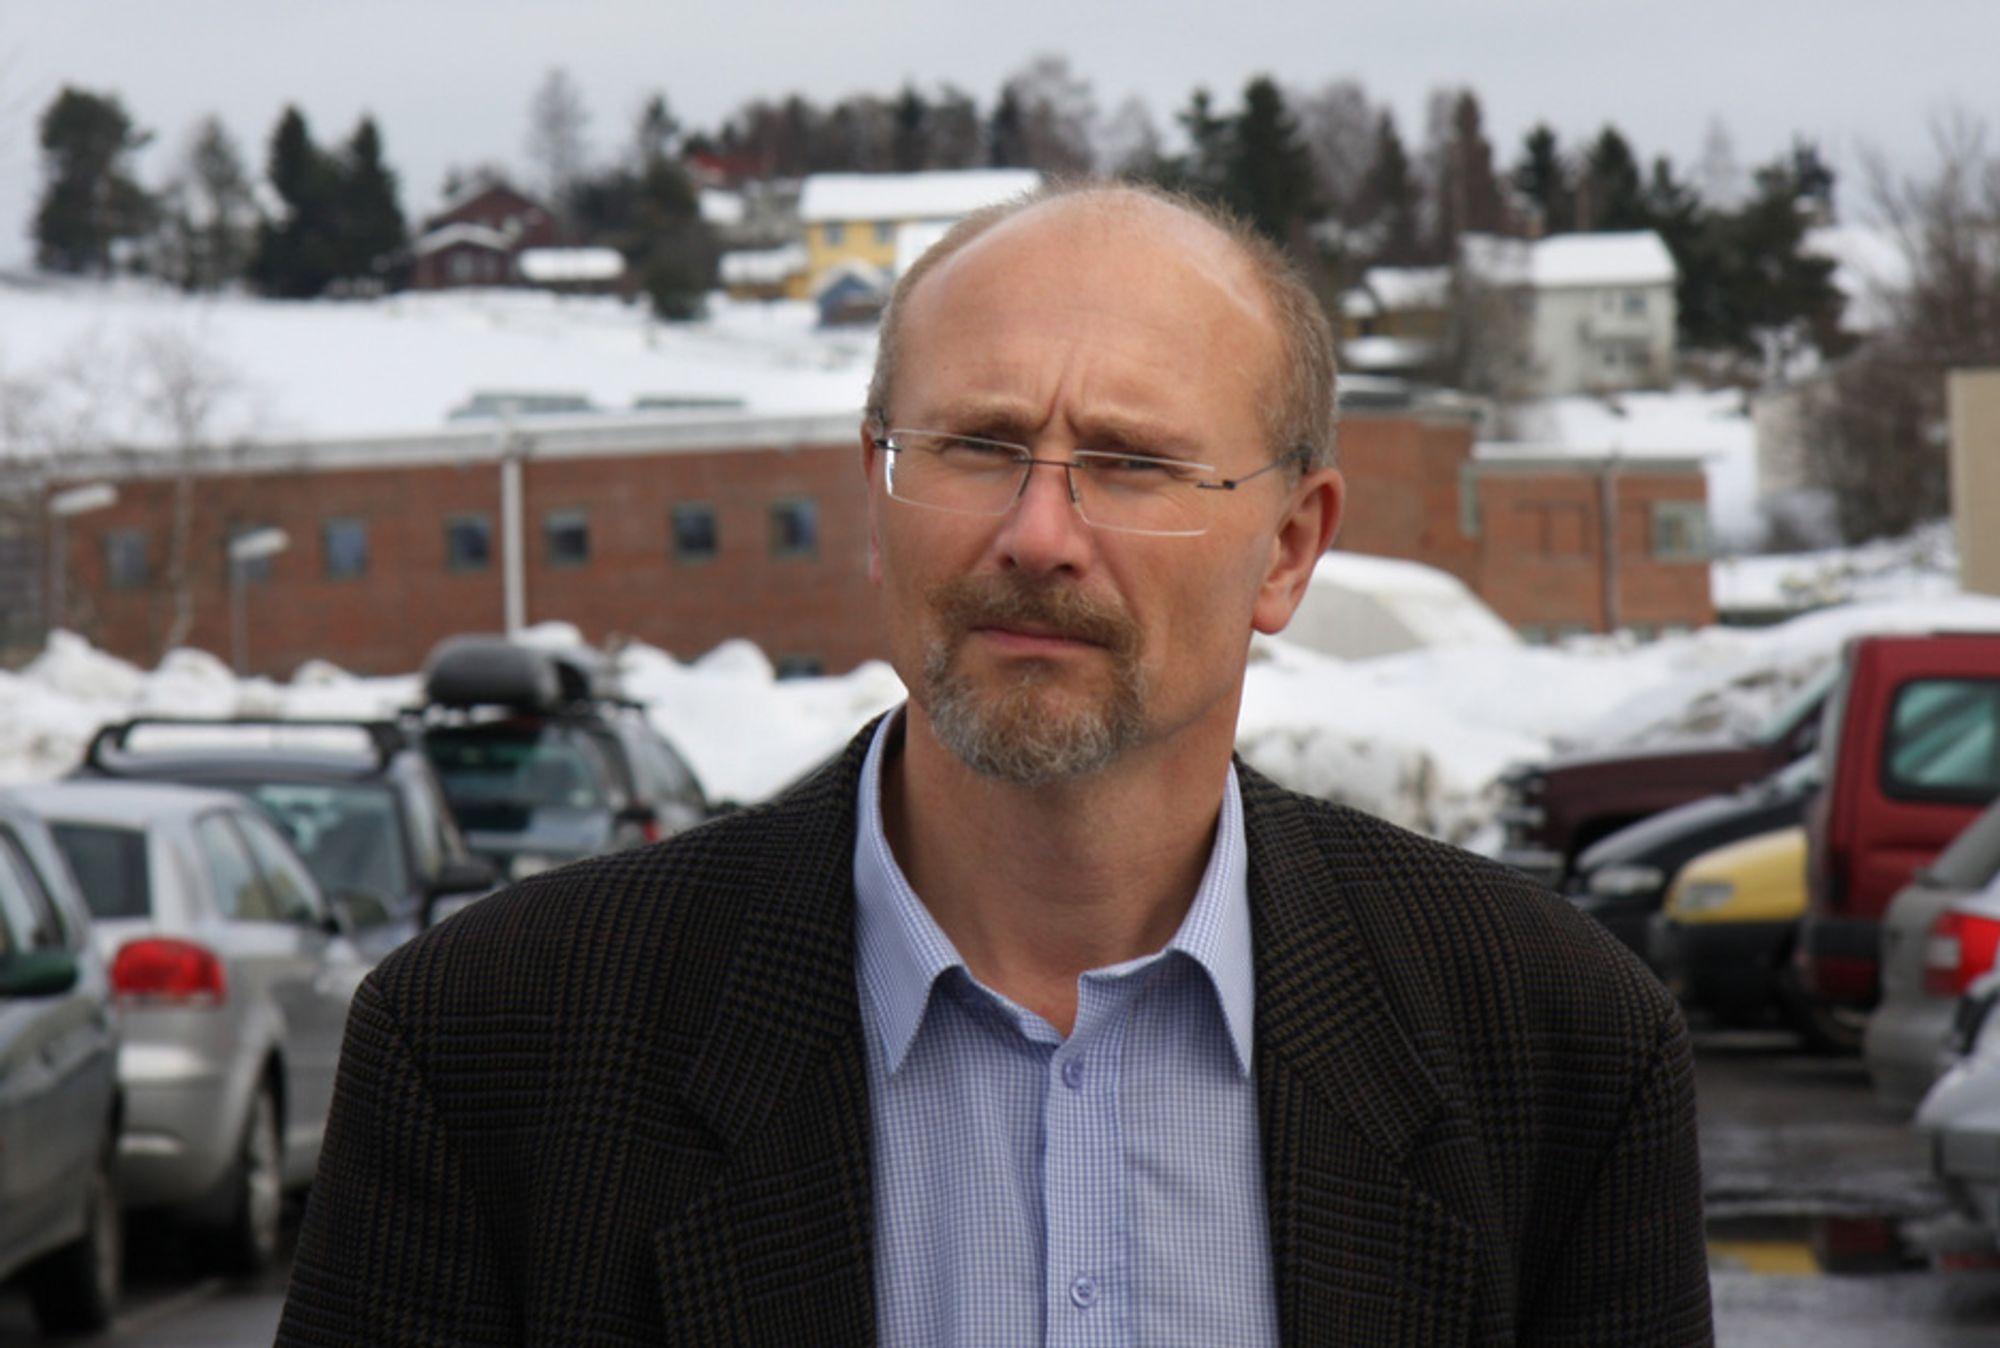 GALSKAP: - Slik veipolitikken drives i Norge, er galskap, sier amanuensis ved Høgskolen i Akershus, Knut Boge.